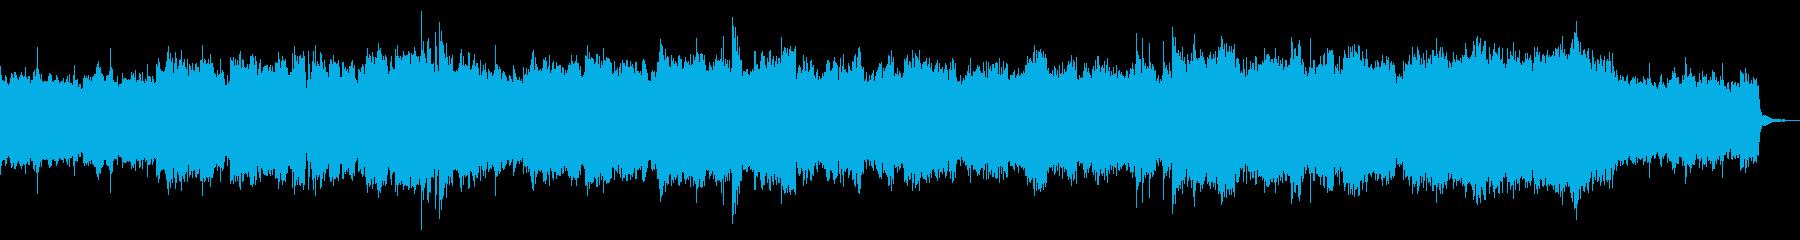 どことなく寂しげなBGMの再生済みの波形